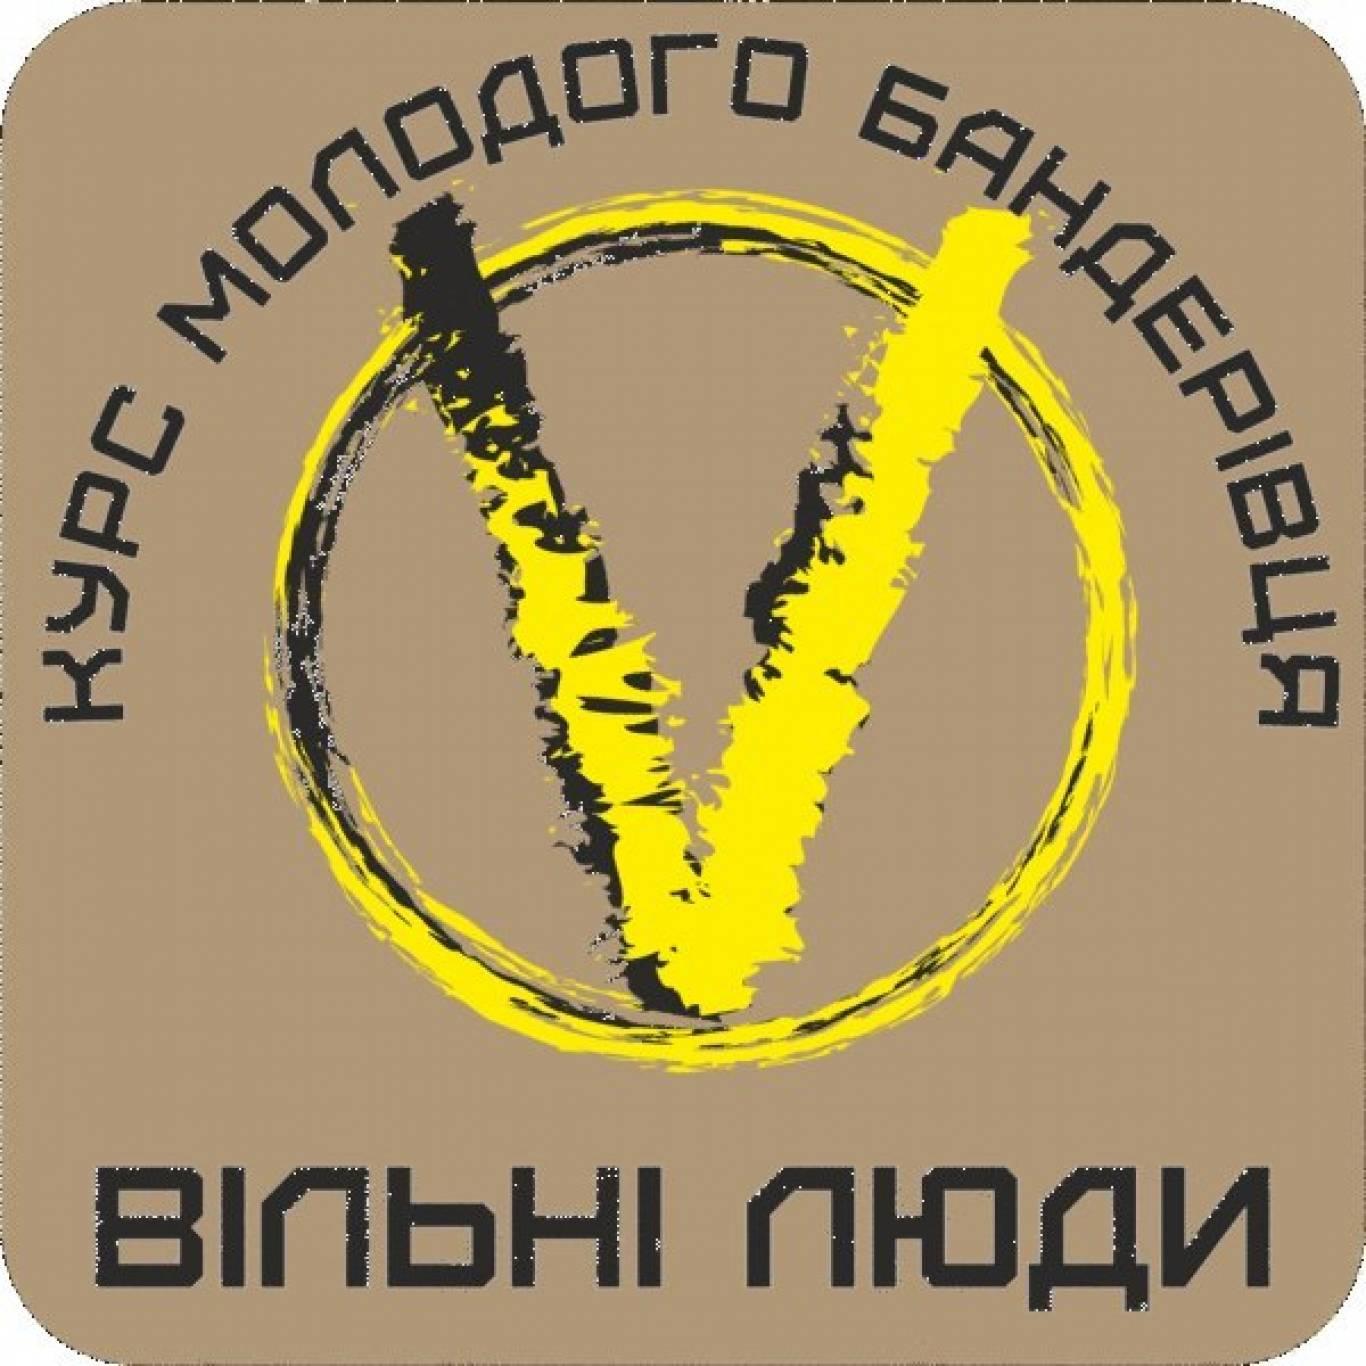 Хочеш змінювати Україну на краще? Пройди курс молодого бандерівця